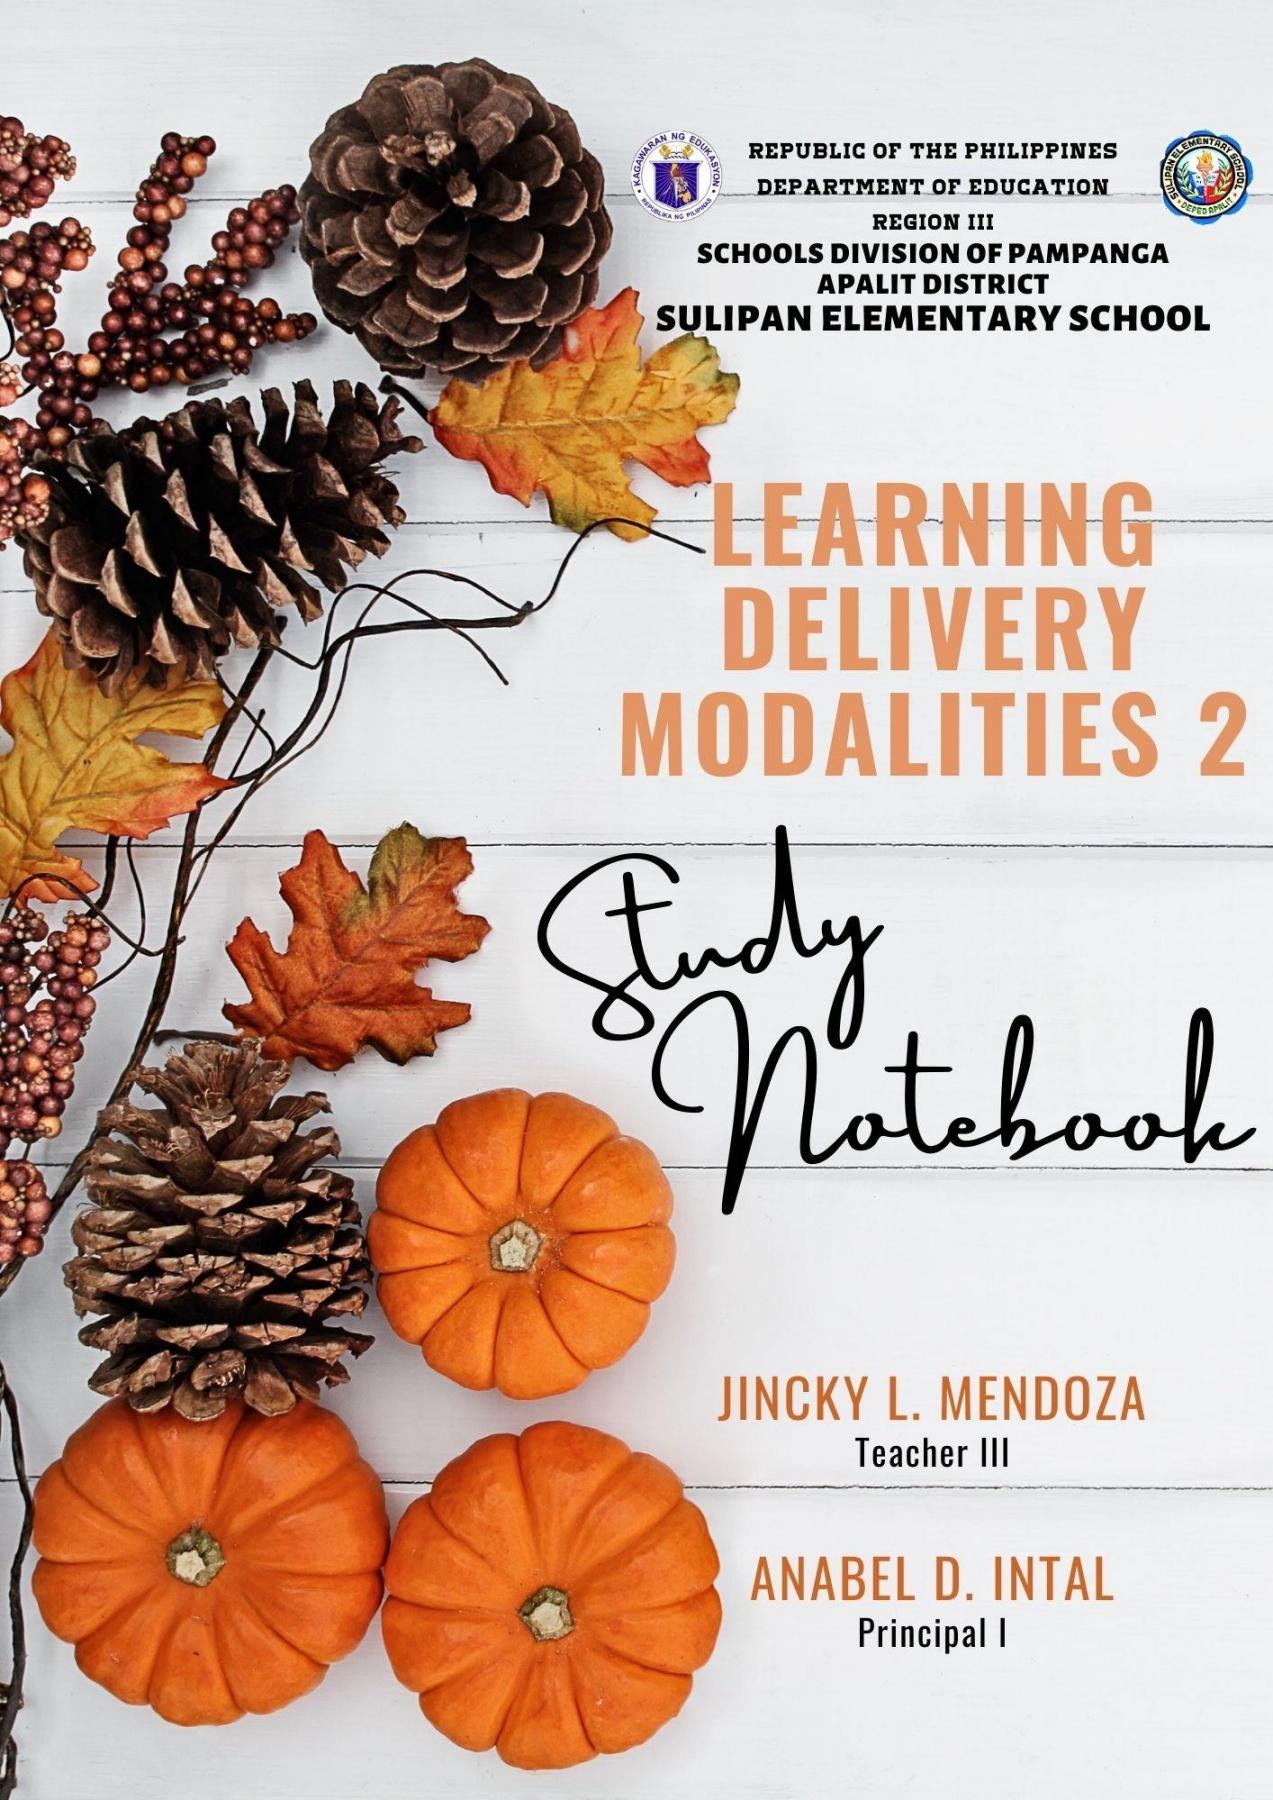 JMENDOZA_LDM2_STUDY_NOTEBOOK-Flip eBook Pages 1 - 48  AnyFlip   AnyFlip [ 1800 x 1273 Pixel ]